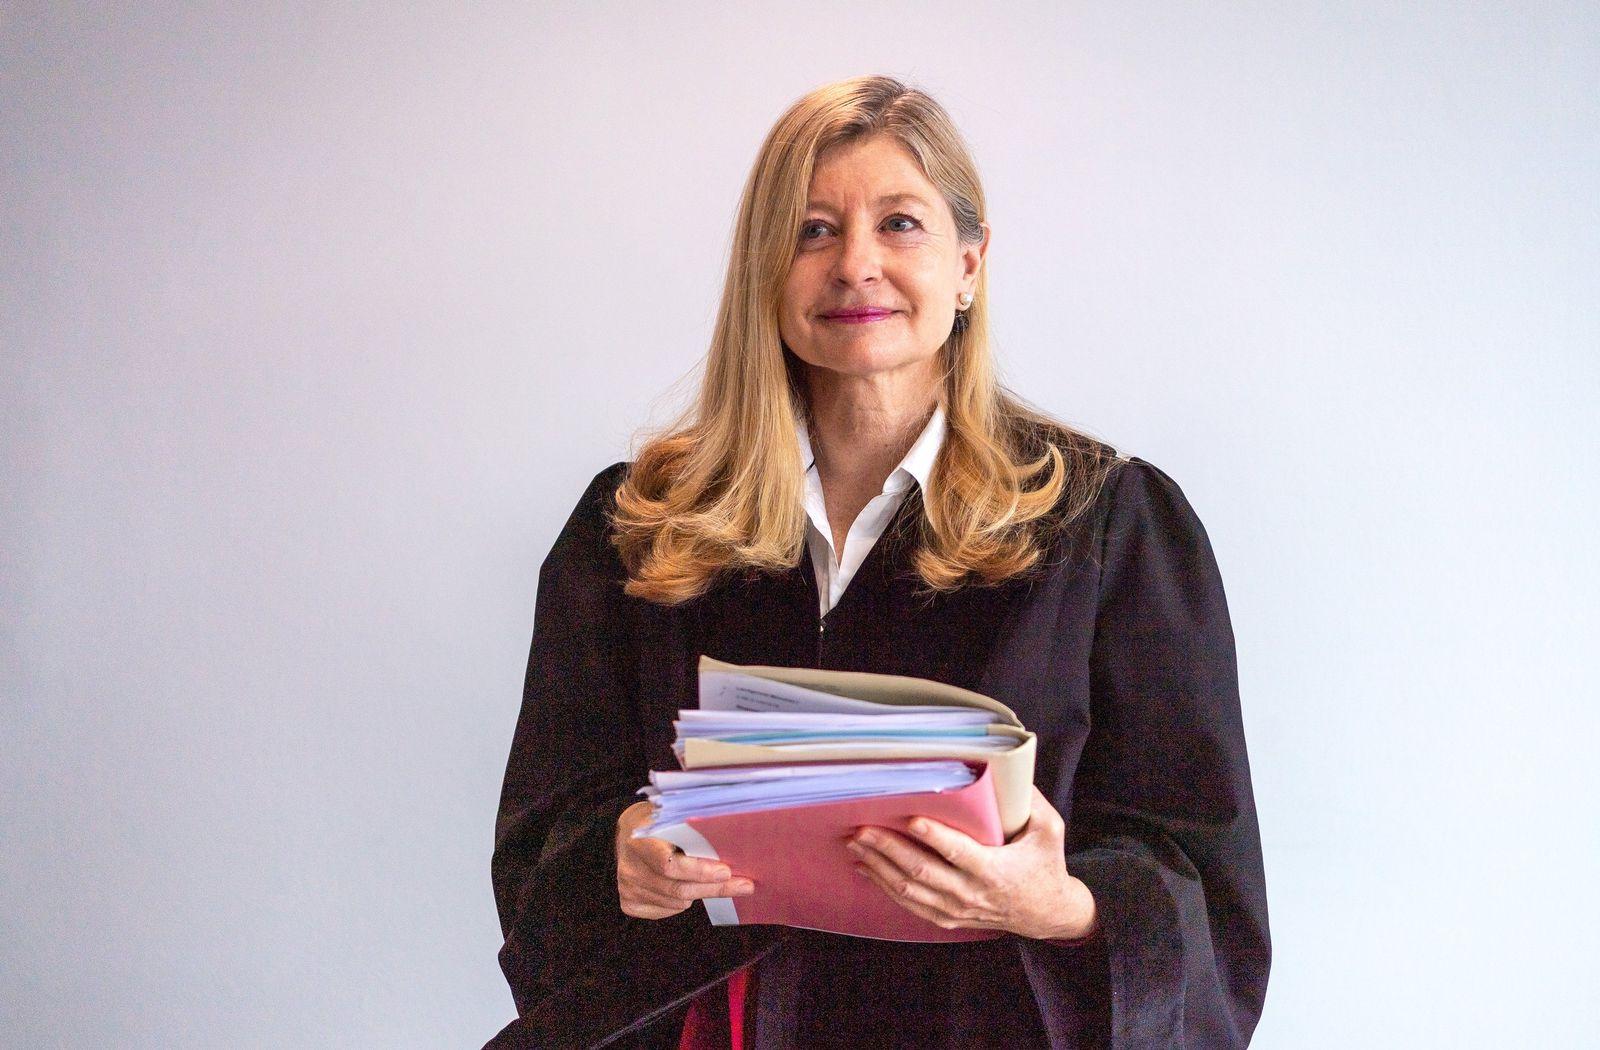 Zivilprozess gegen Cathy Hummels - Urteil